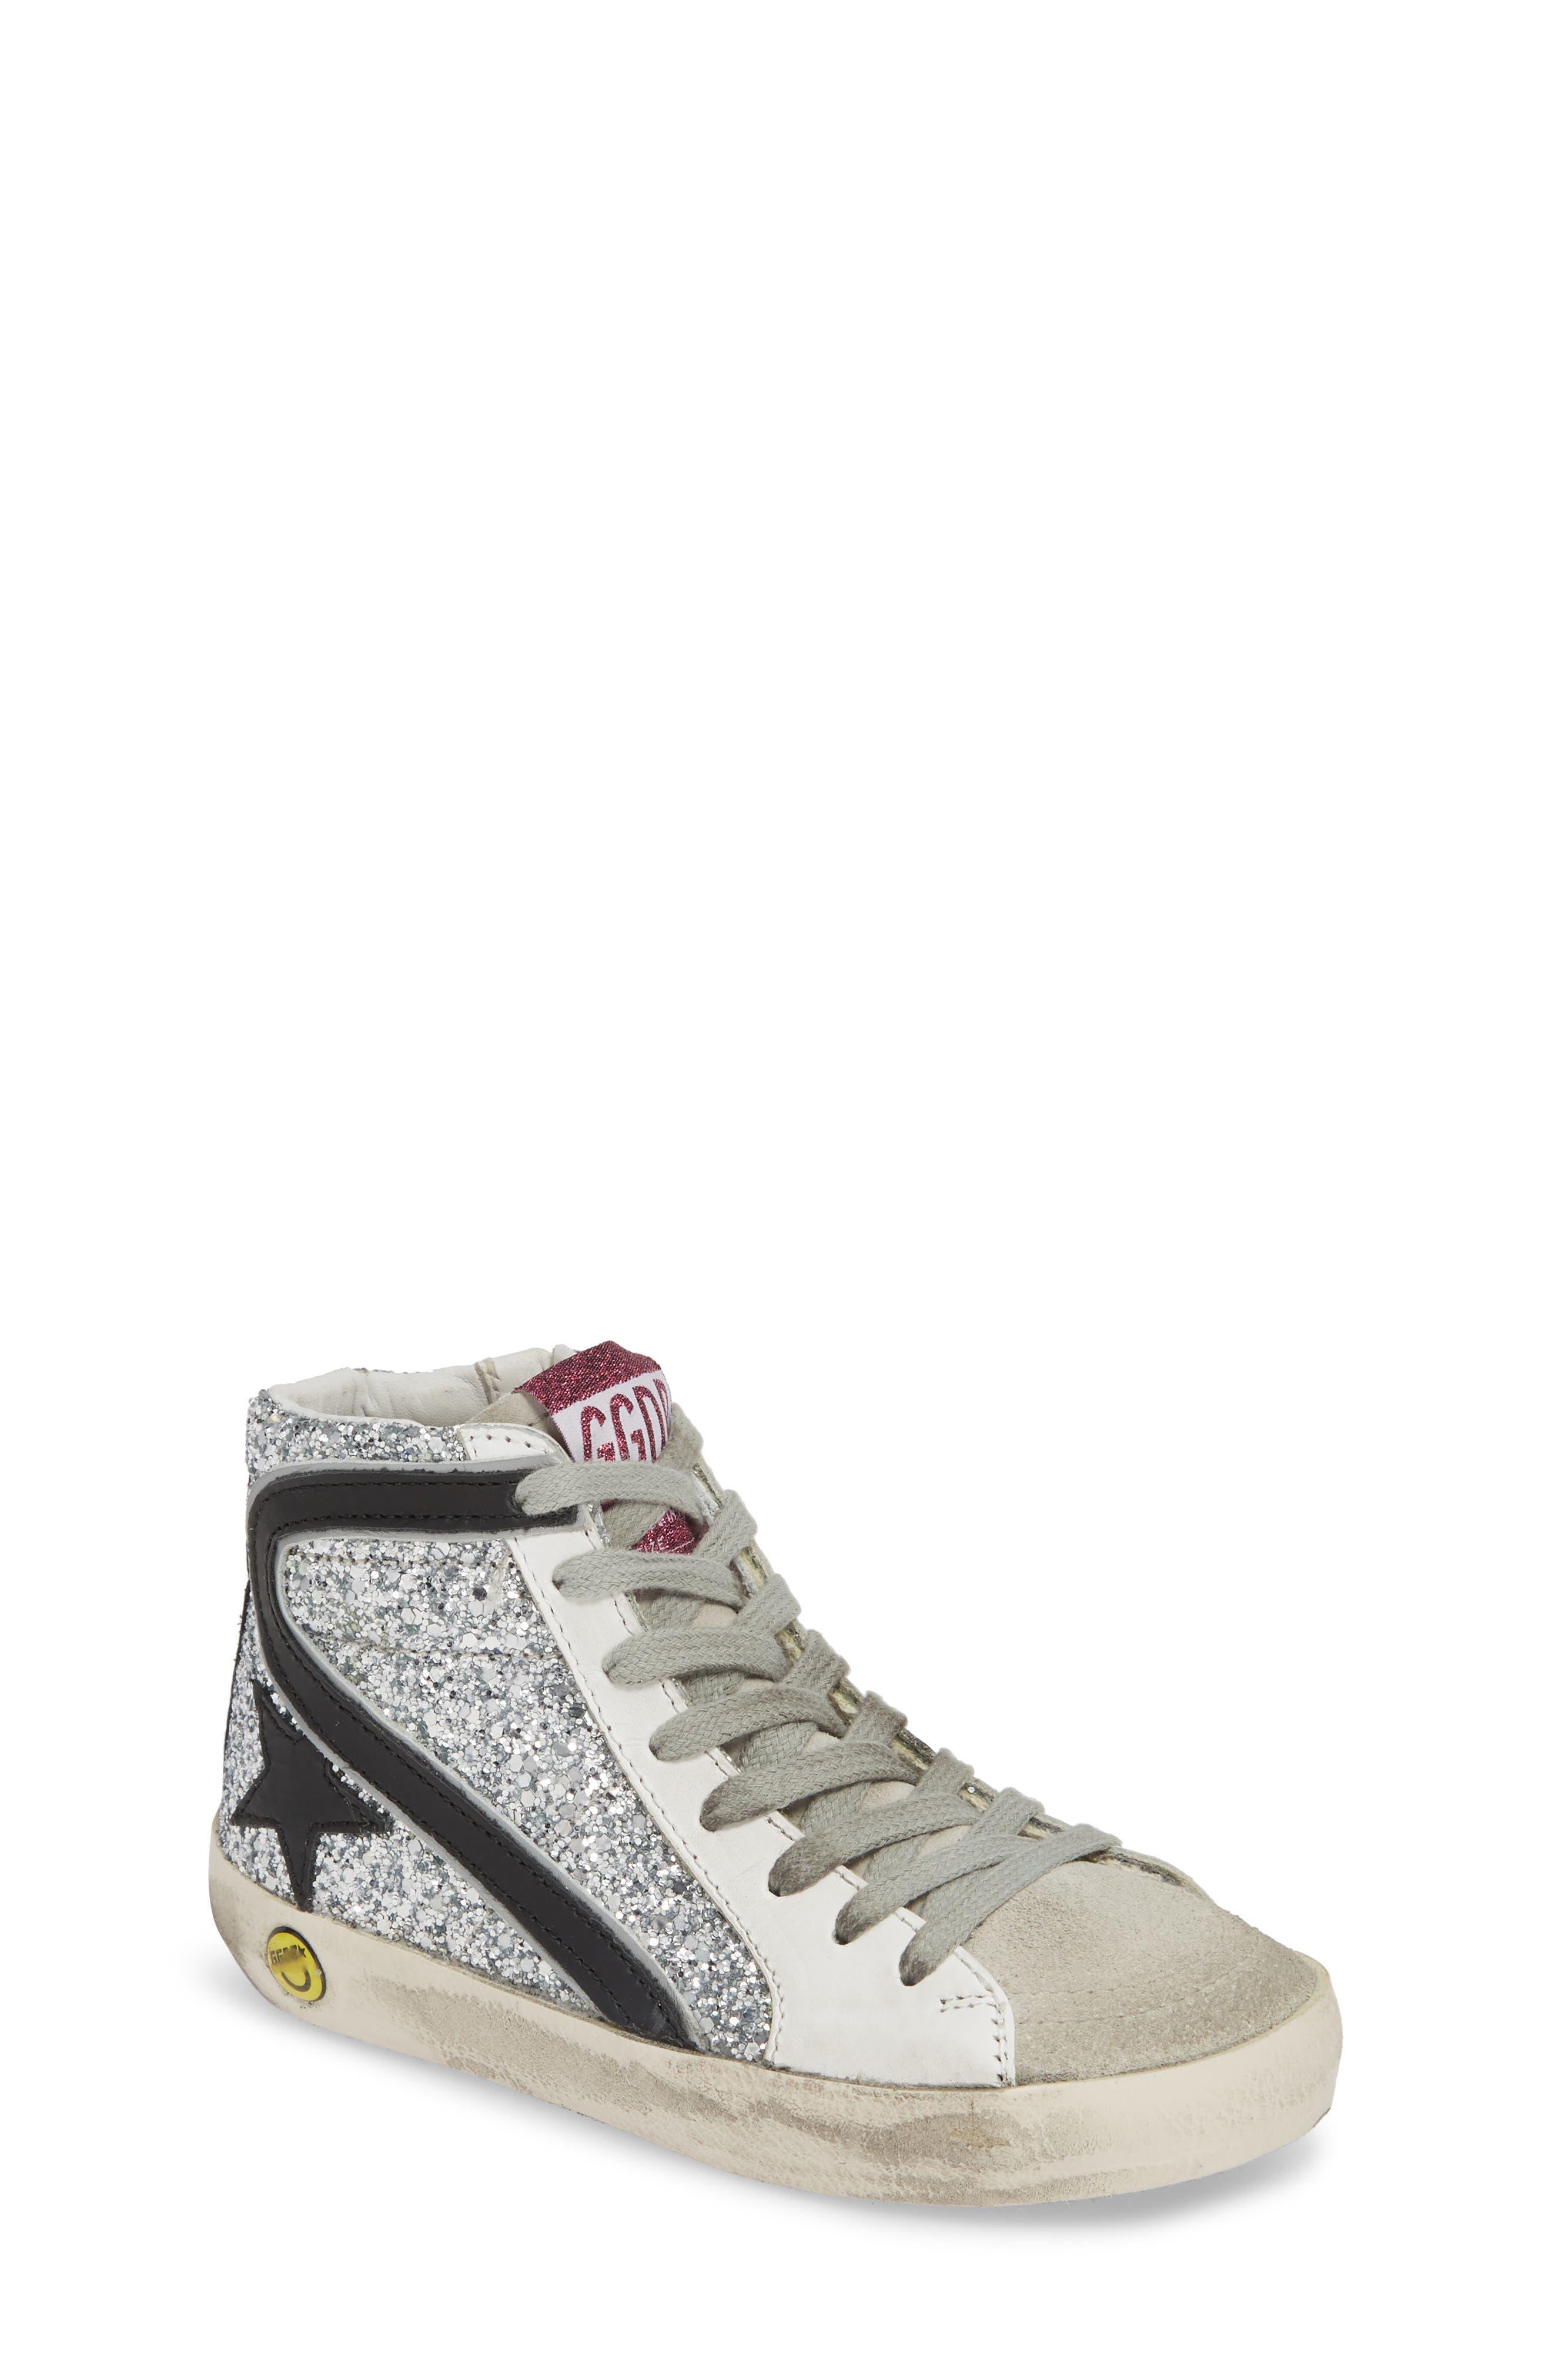 GOLDEN GOOSE, Slide Glitter High Top Sneaker, Main thumbnail 1, color, SILVER GLITTER/ BLACK SLIDE